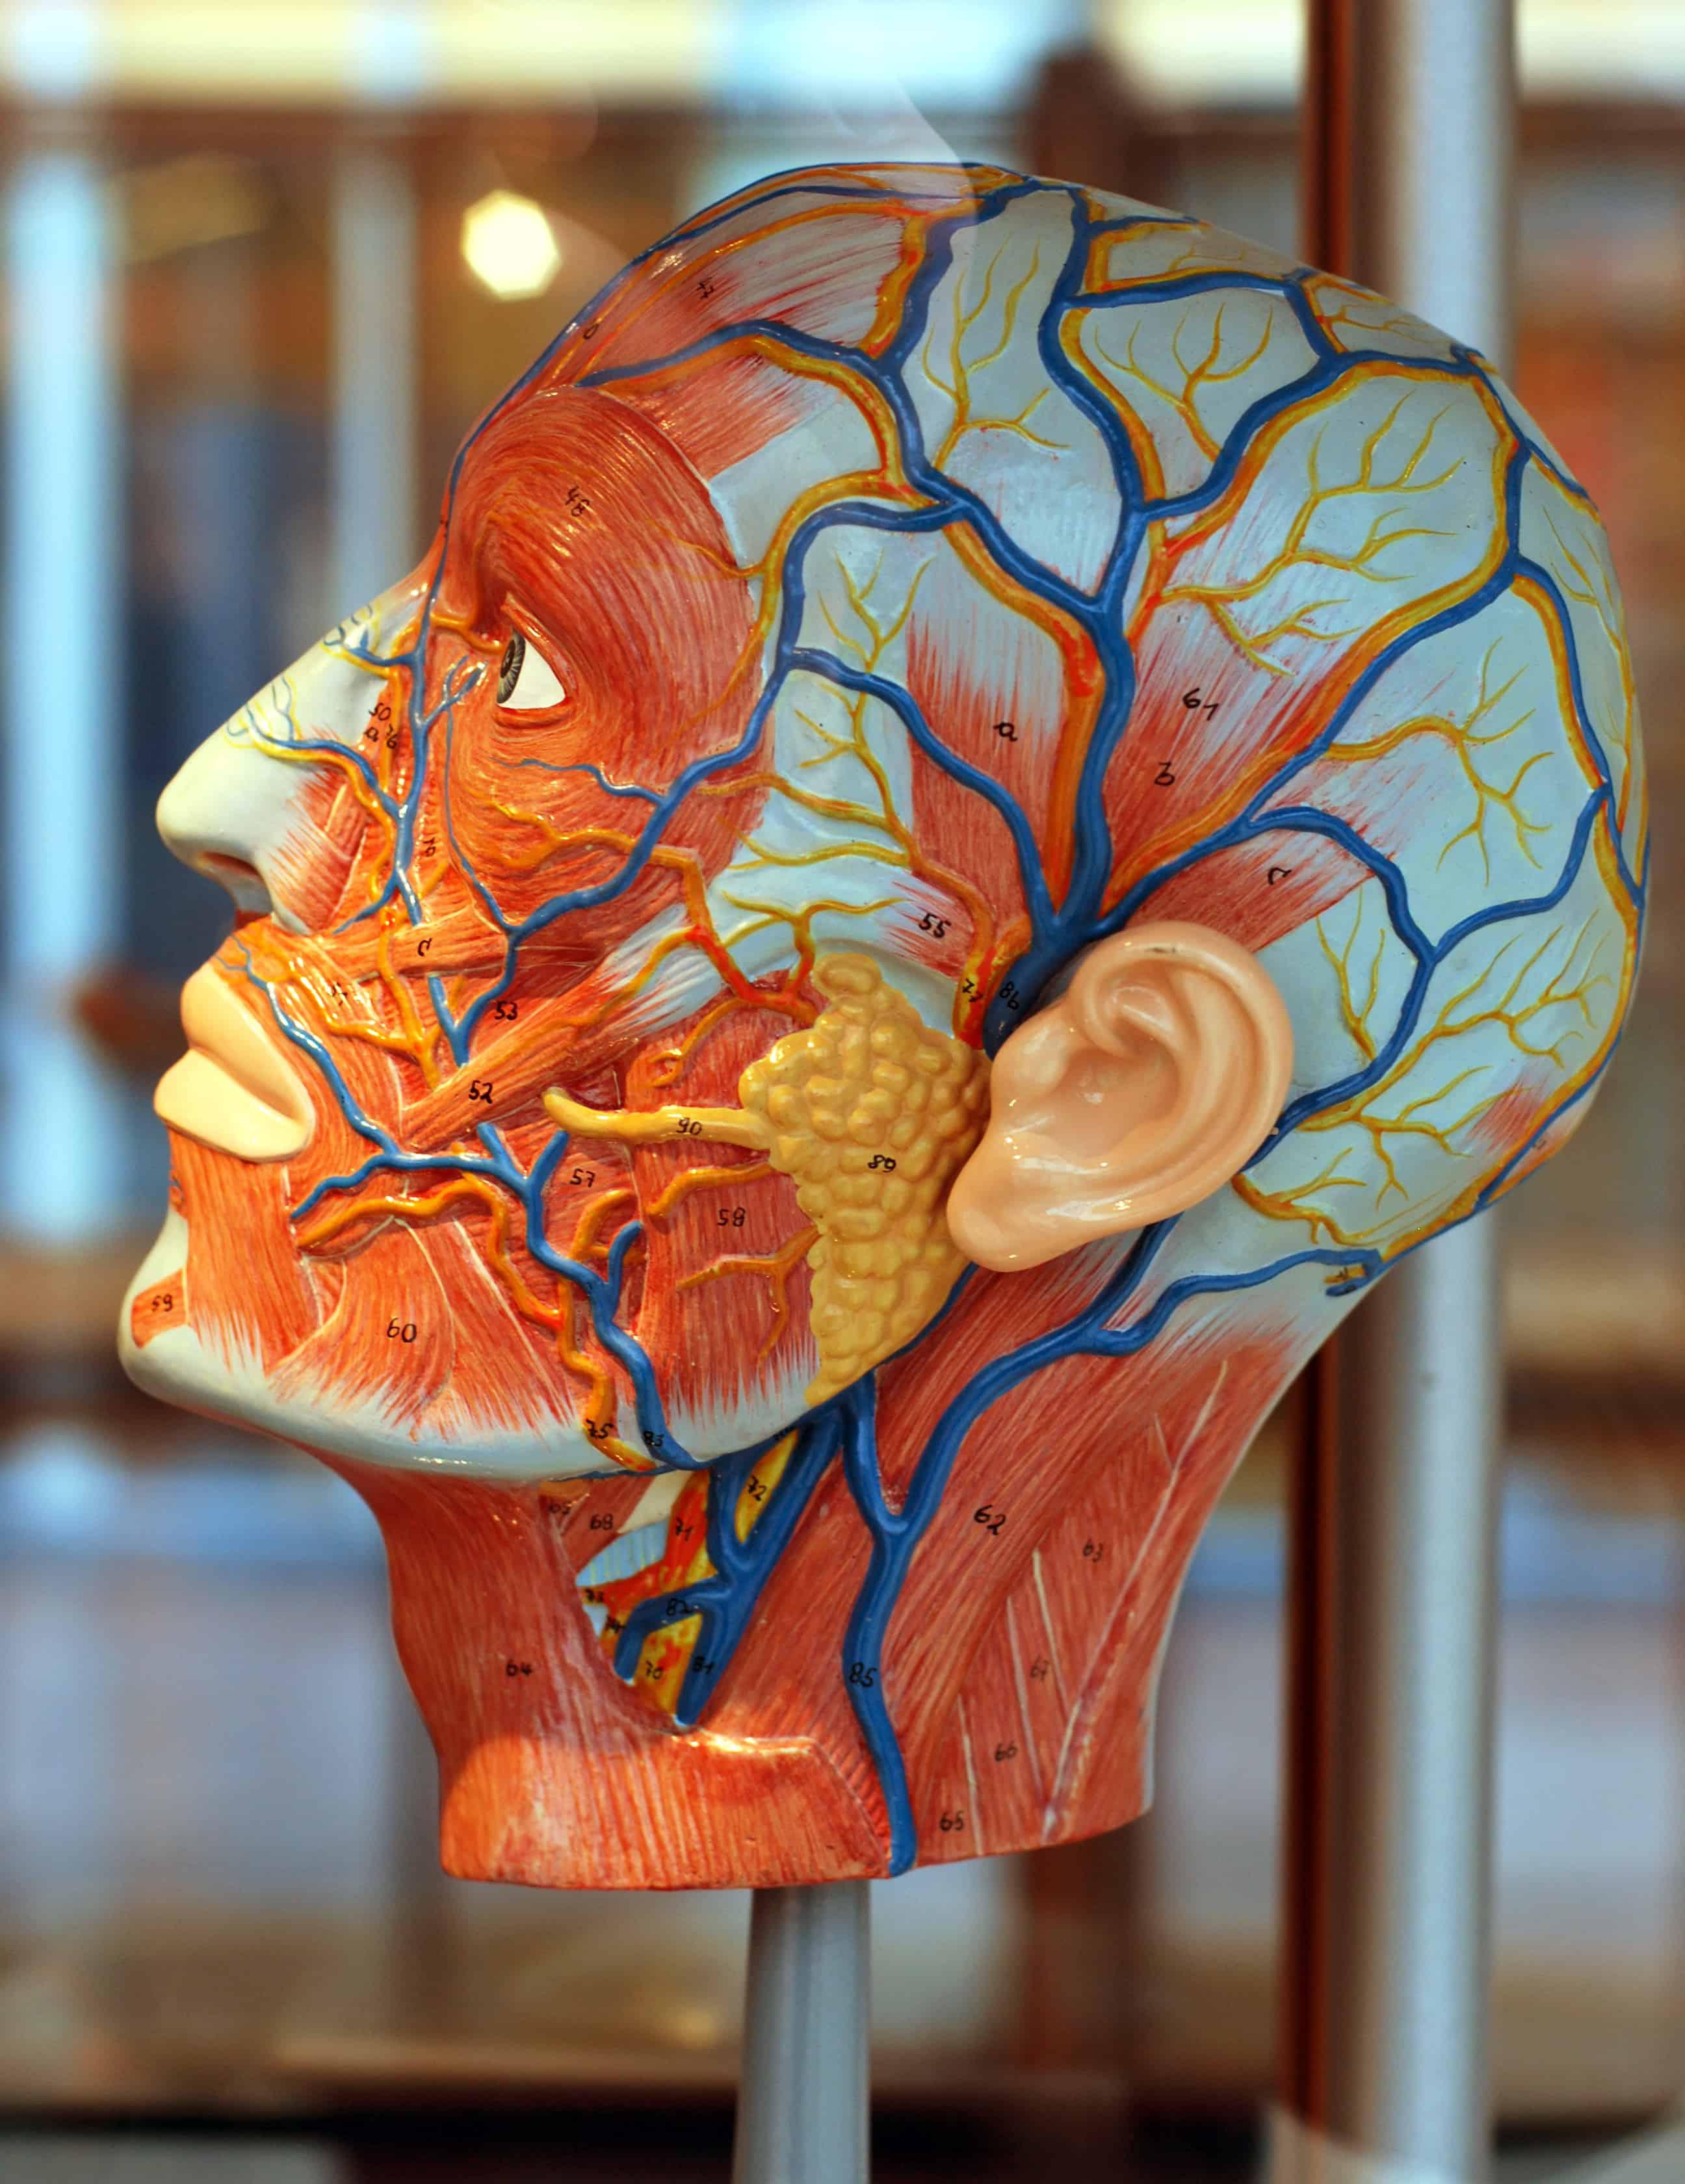 nombre de las arterias y venas mas importantes